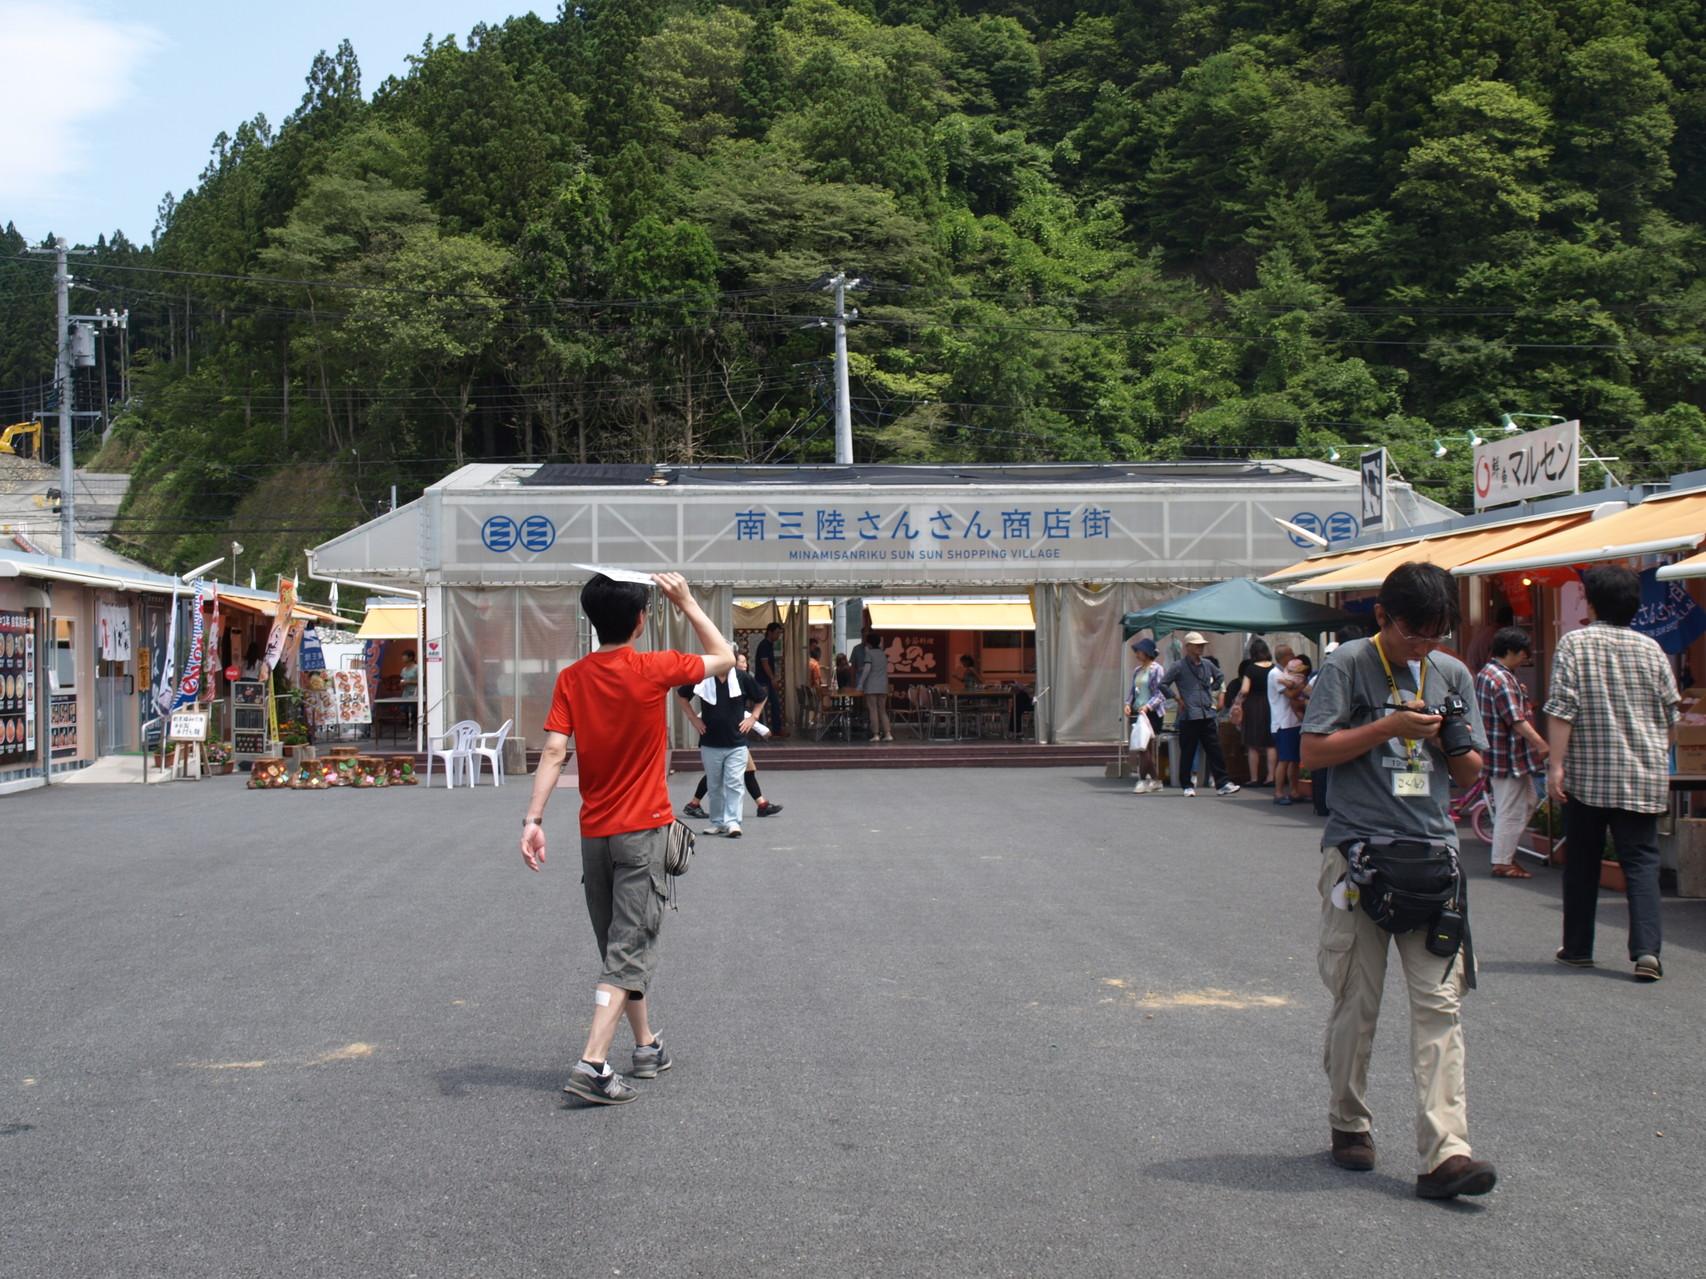 地元の海鮮や肉類、お菓子、お土産、飲食店の仮設店舗が並びます。